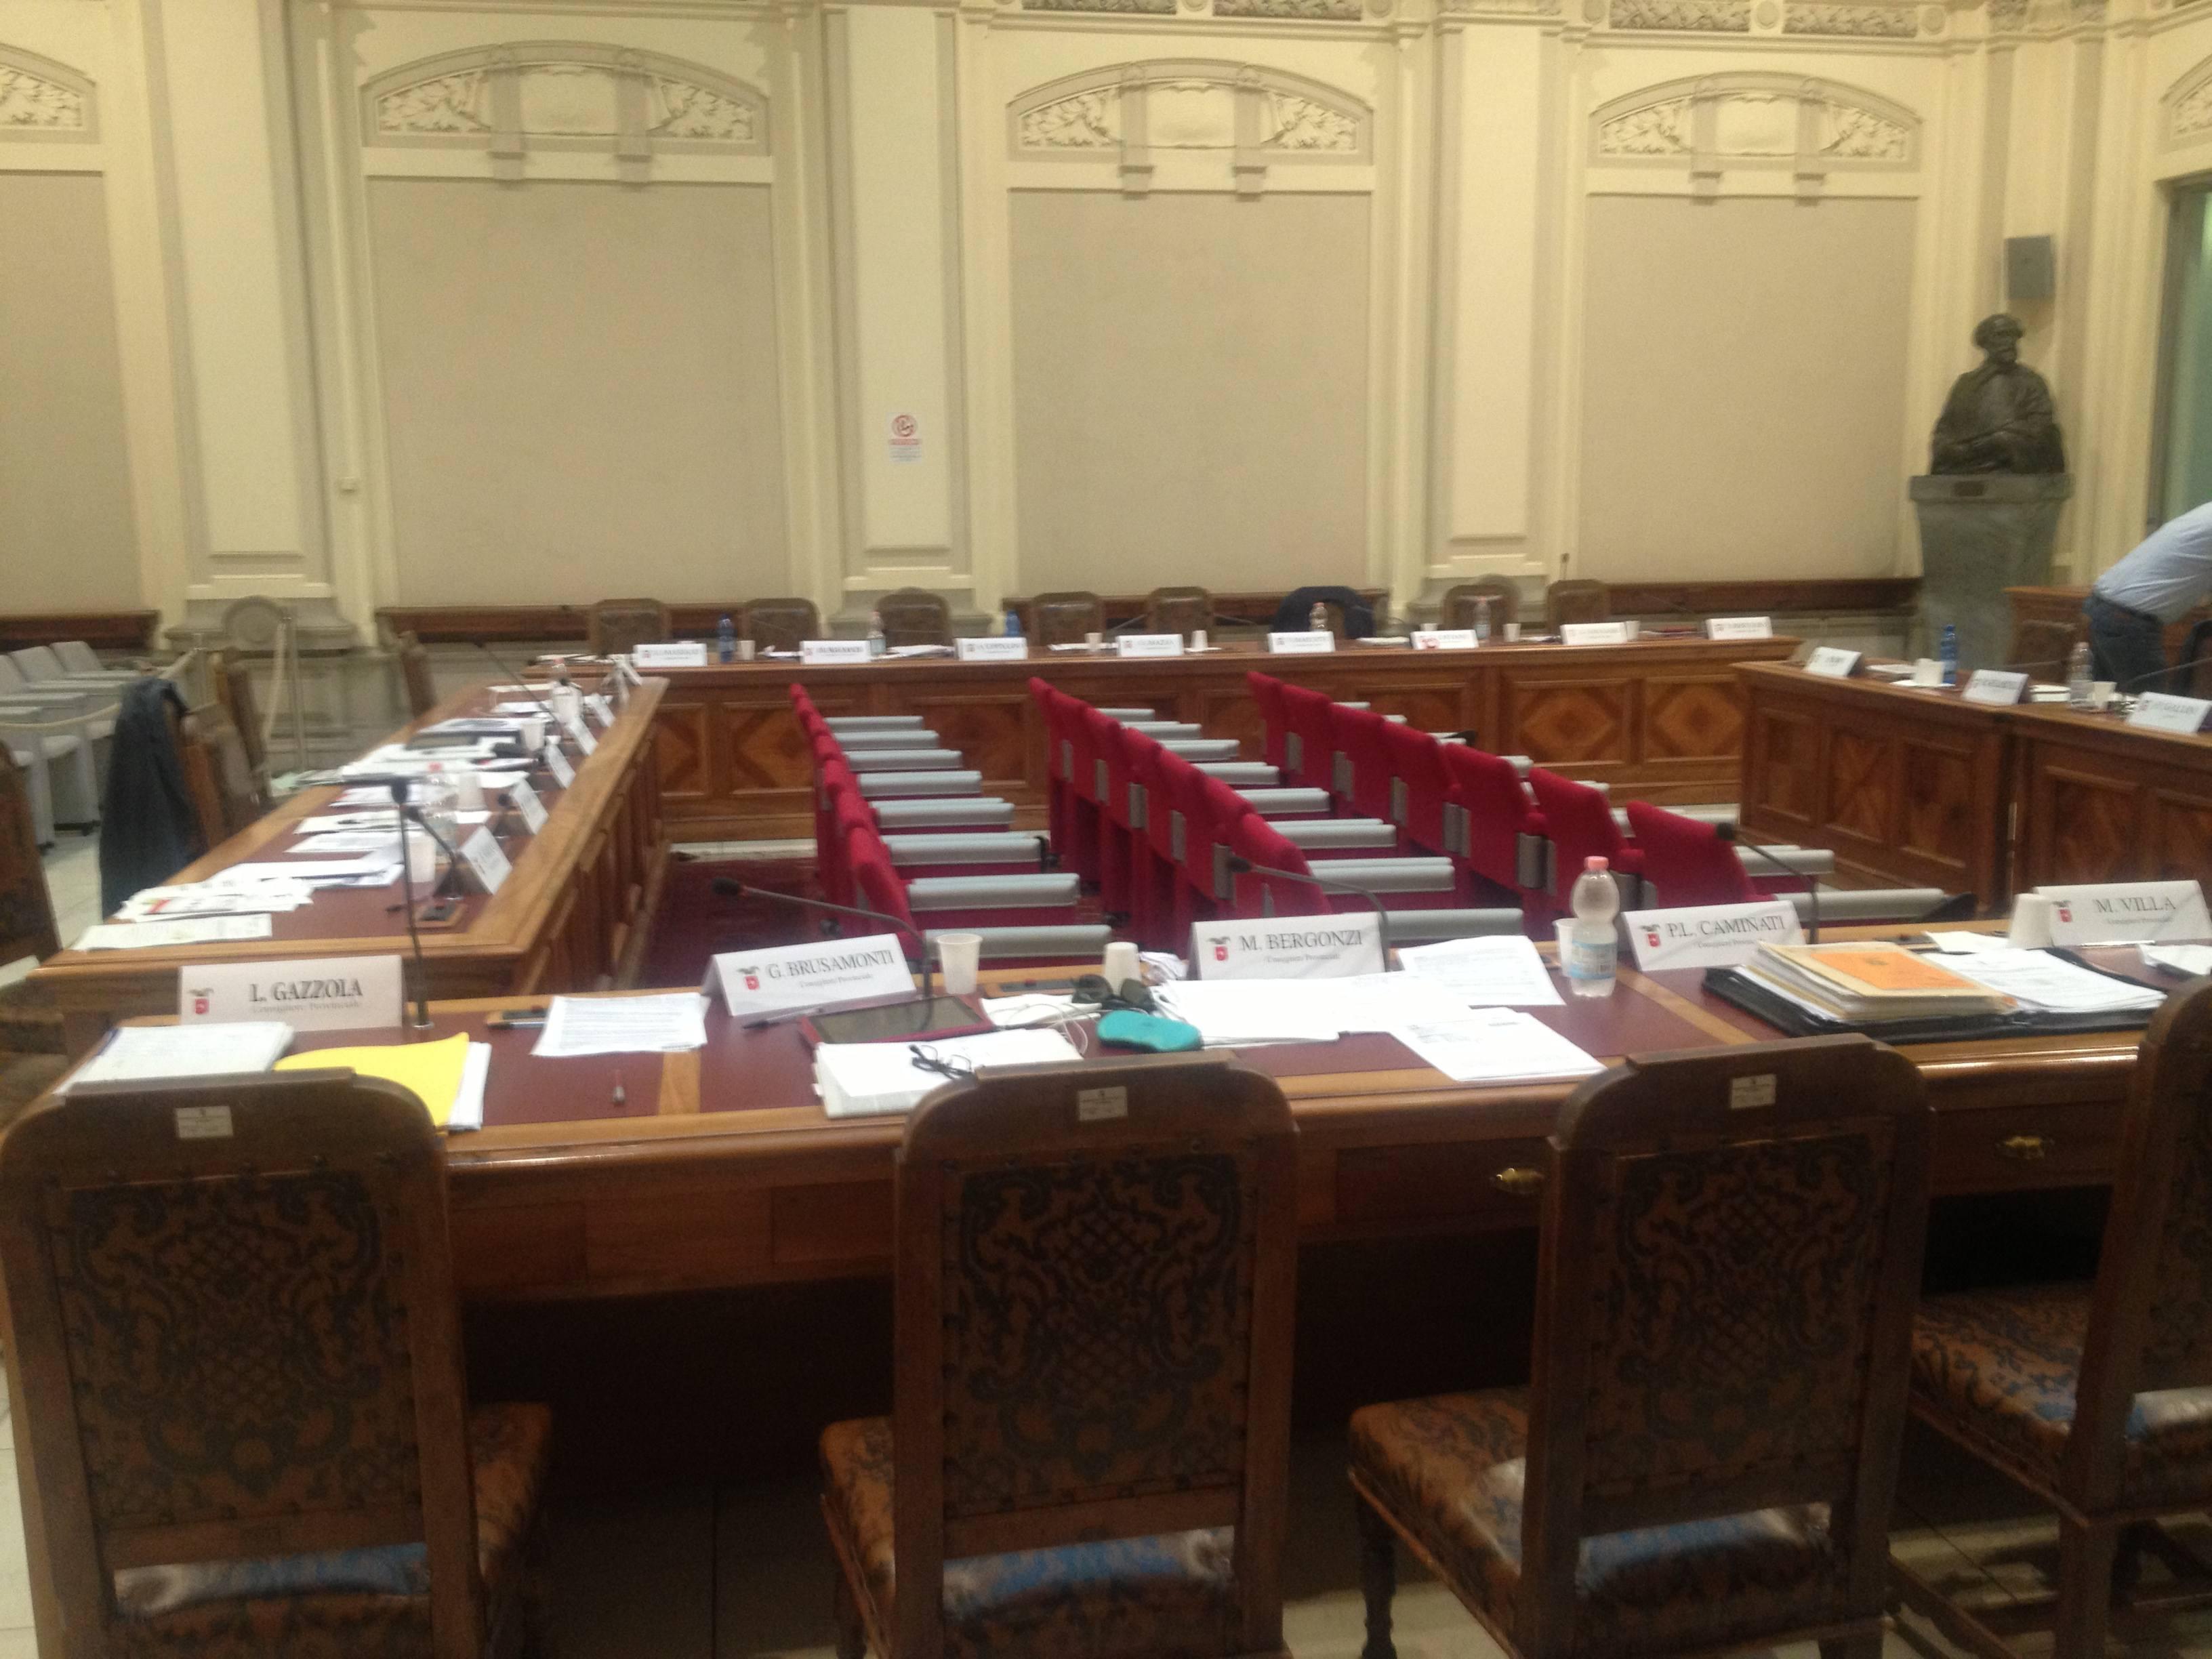 Il consiglio provinciale sospeso